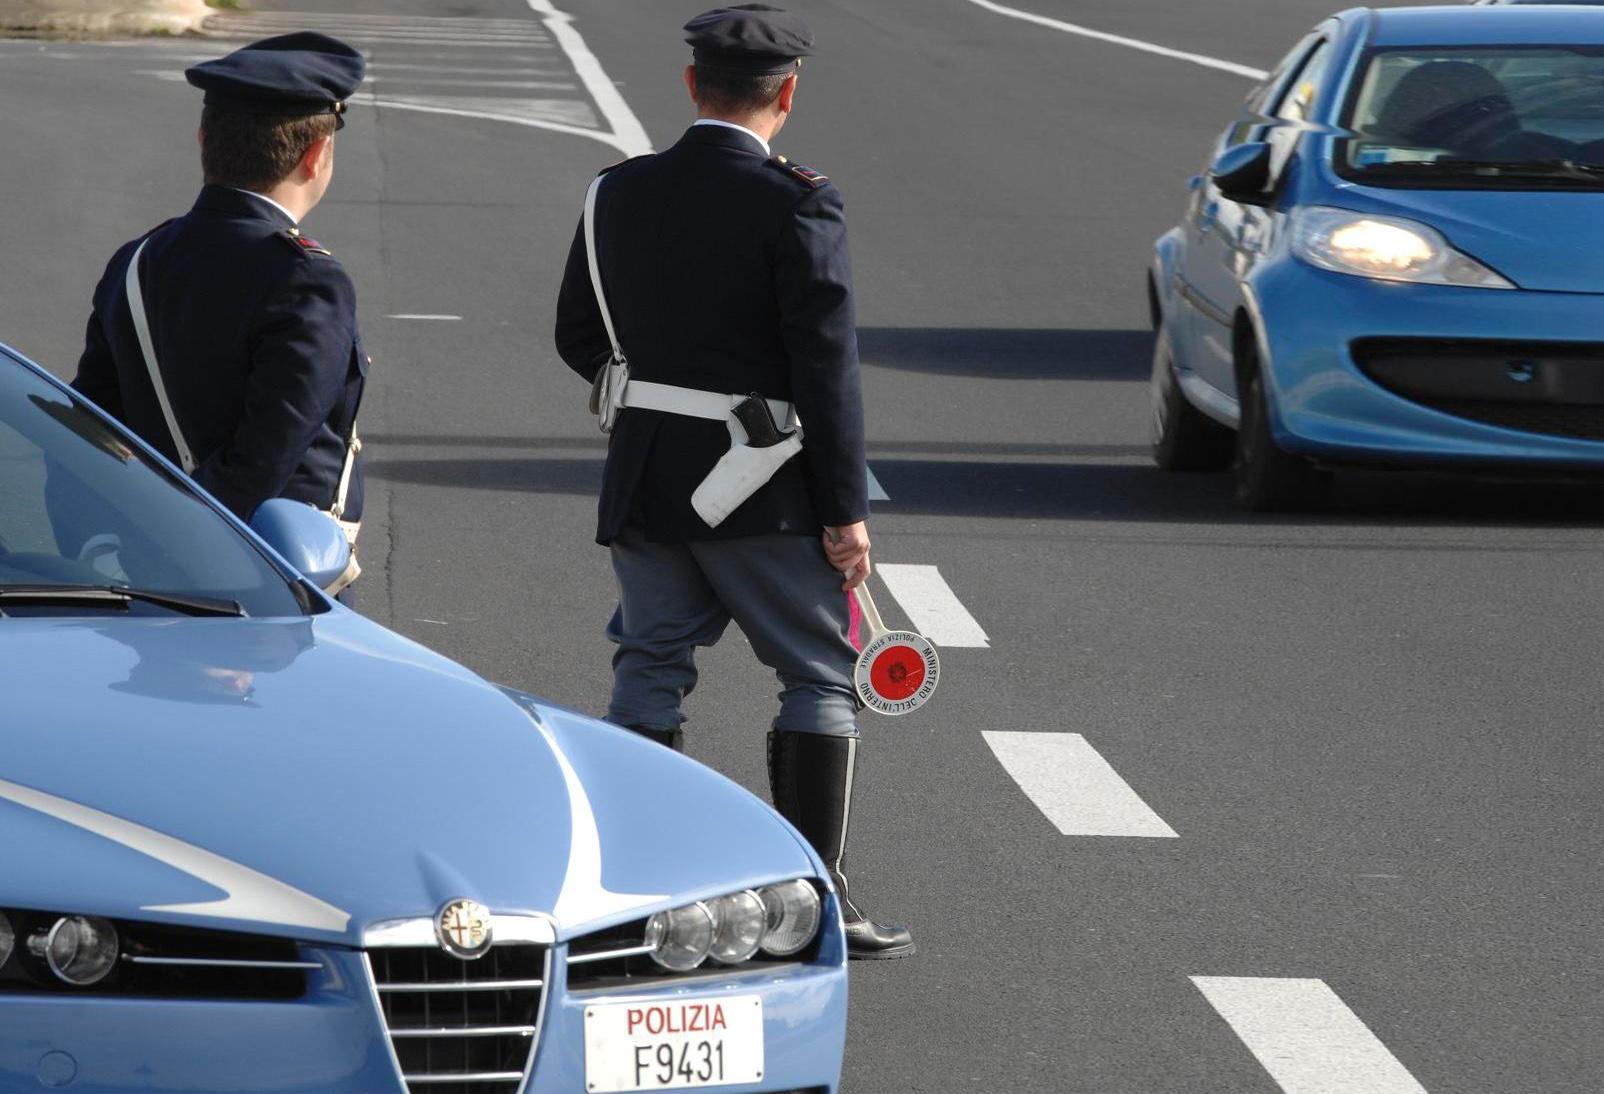 Soldi dai camionisti per non fare multe: arrestati agenti della stradale